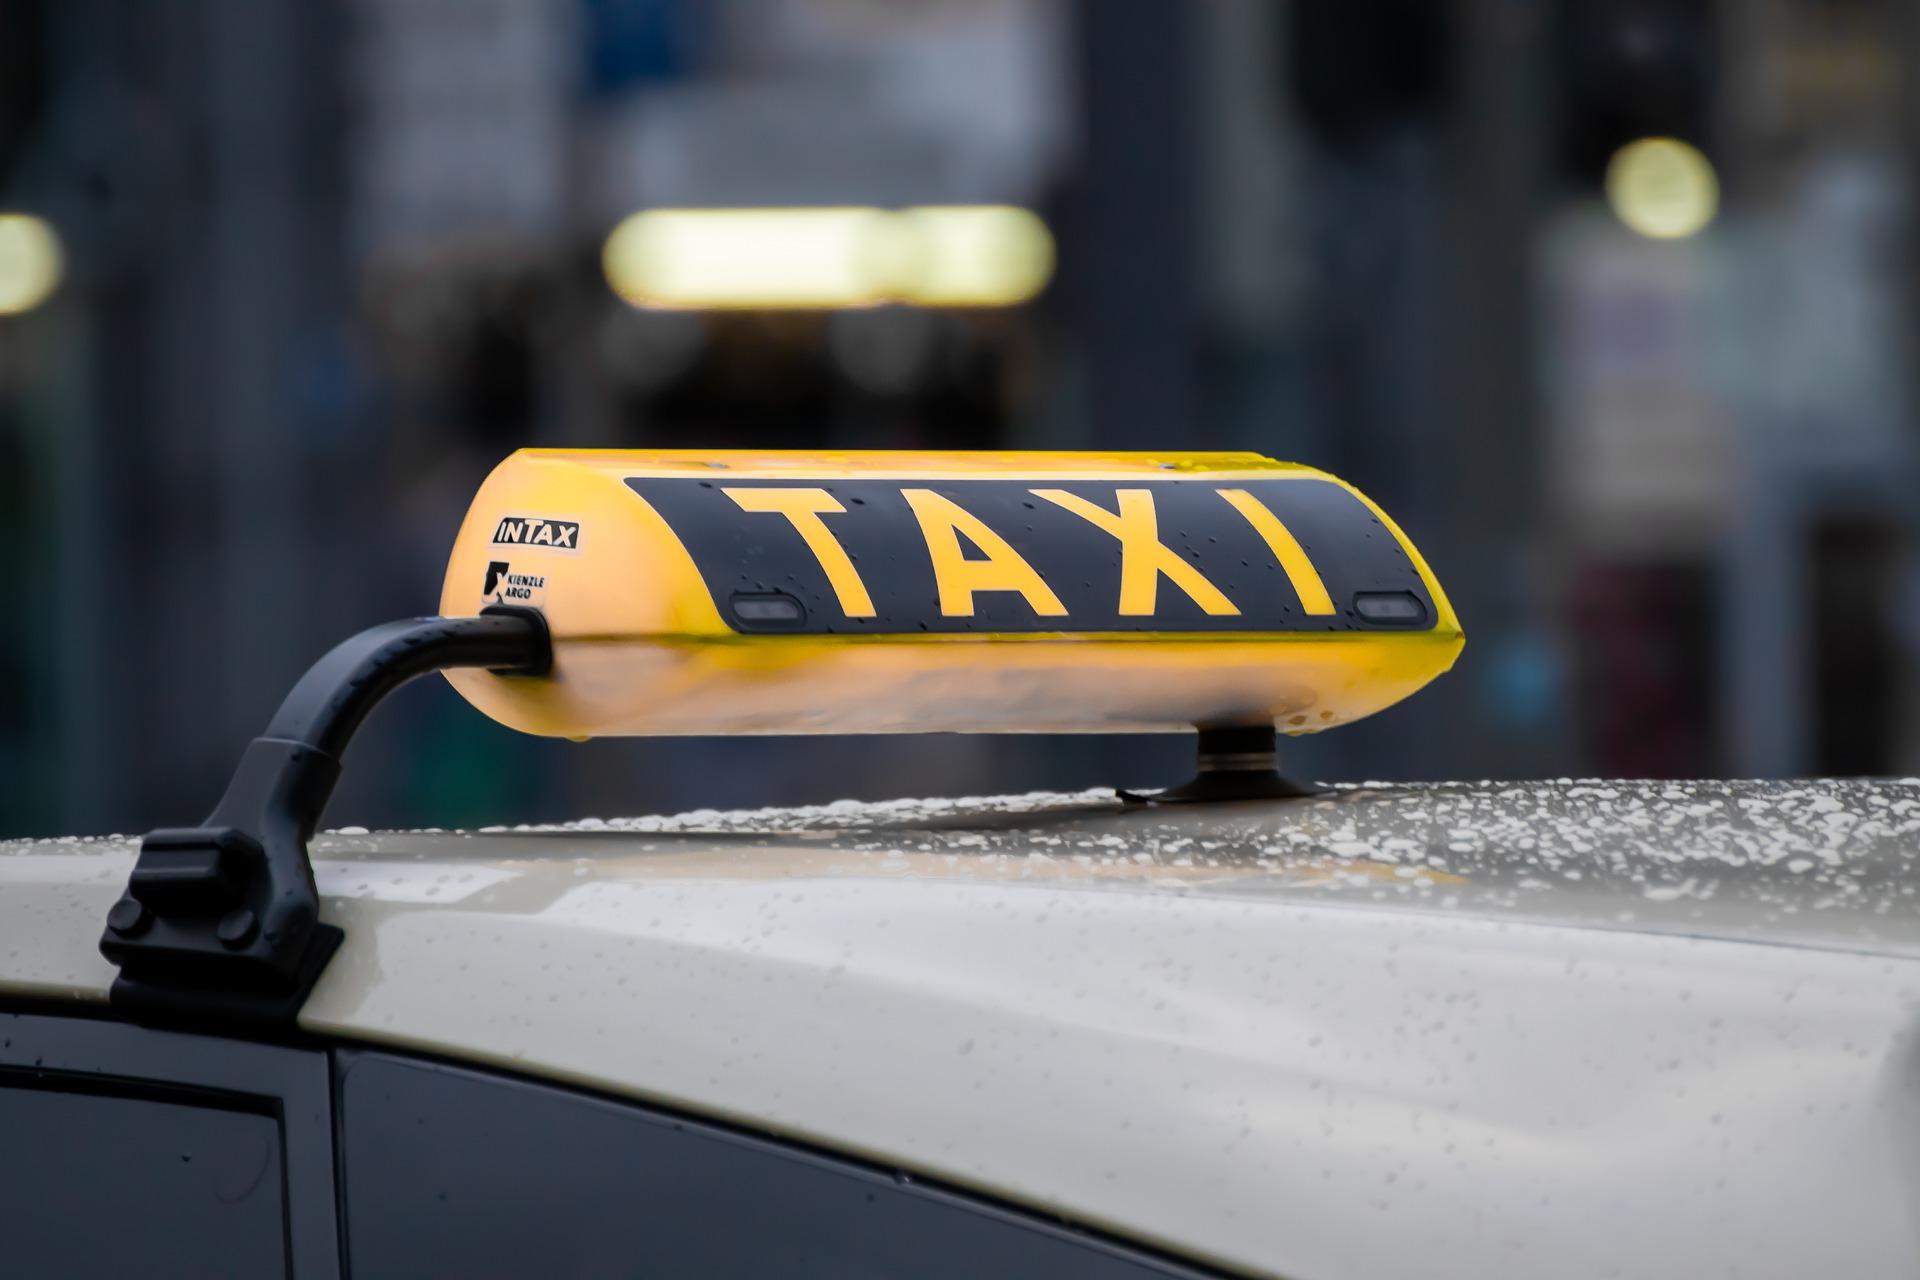 cedule taxi